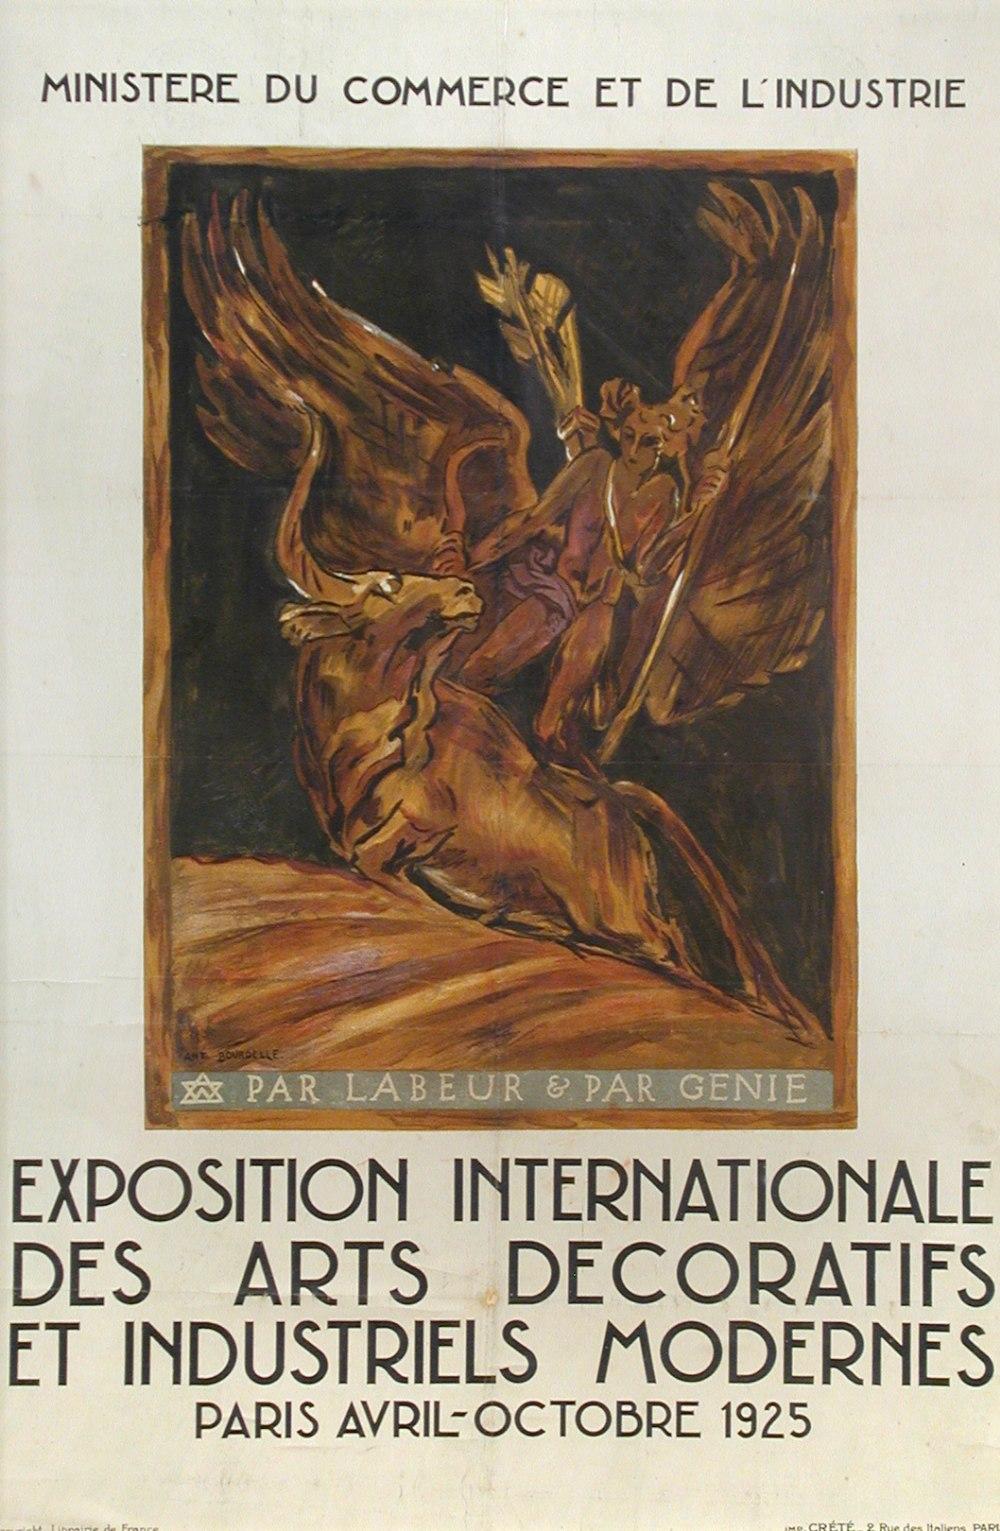 Émile Antoine Bourdelle Paris 1925 poster